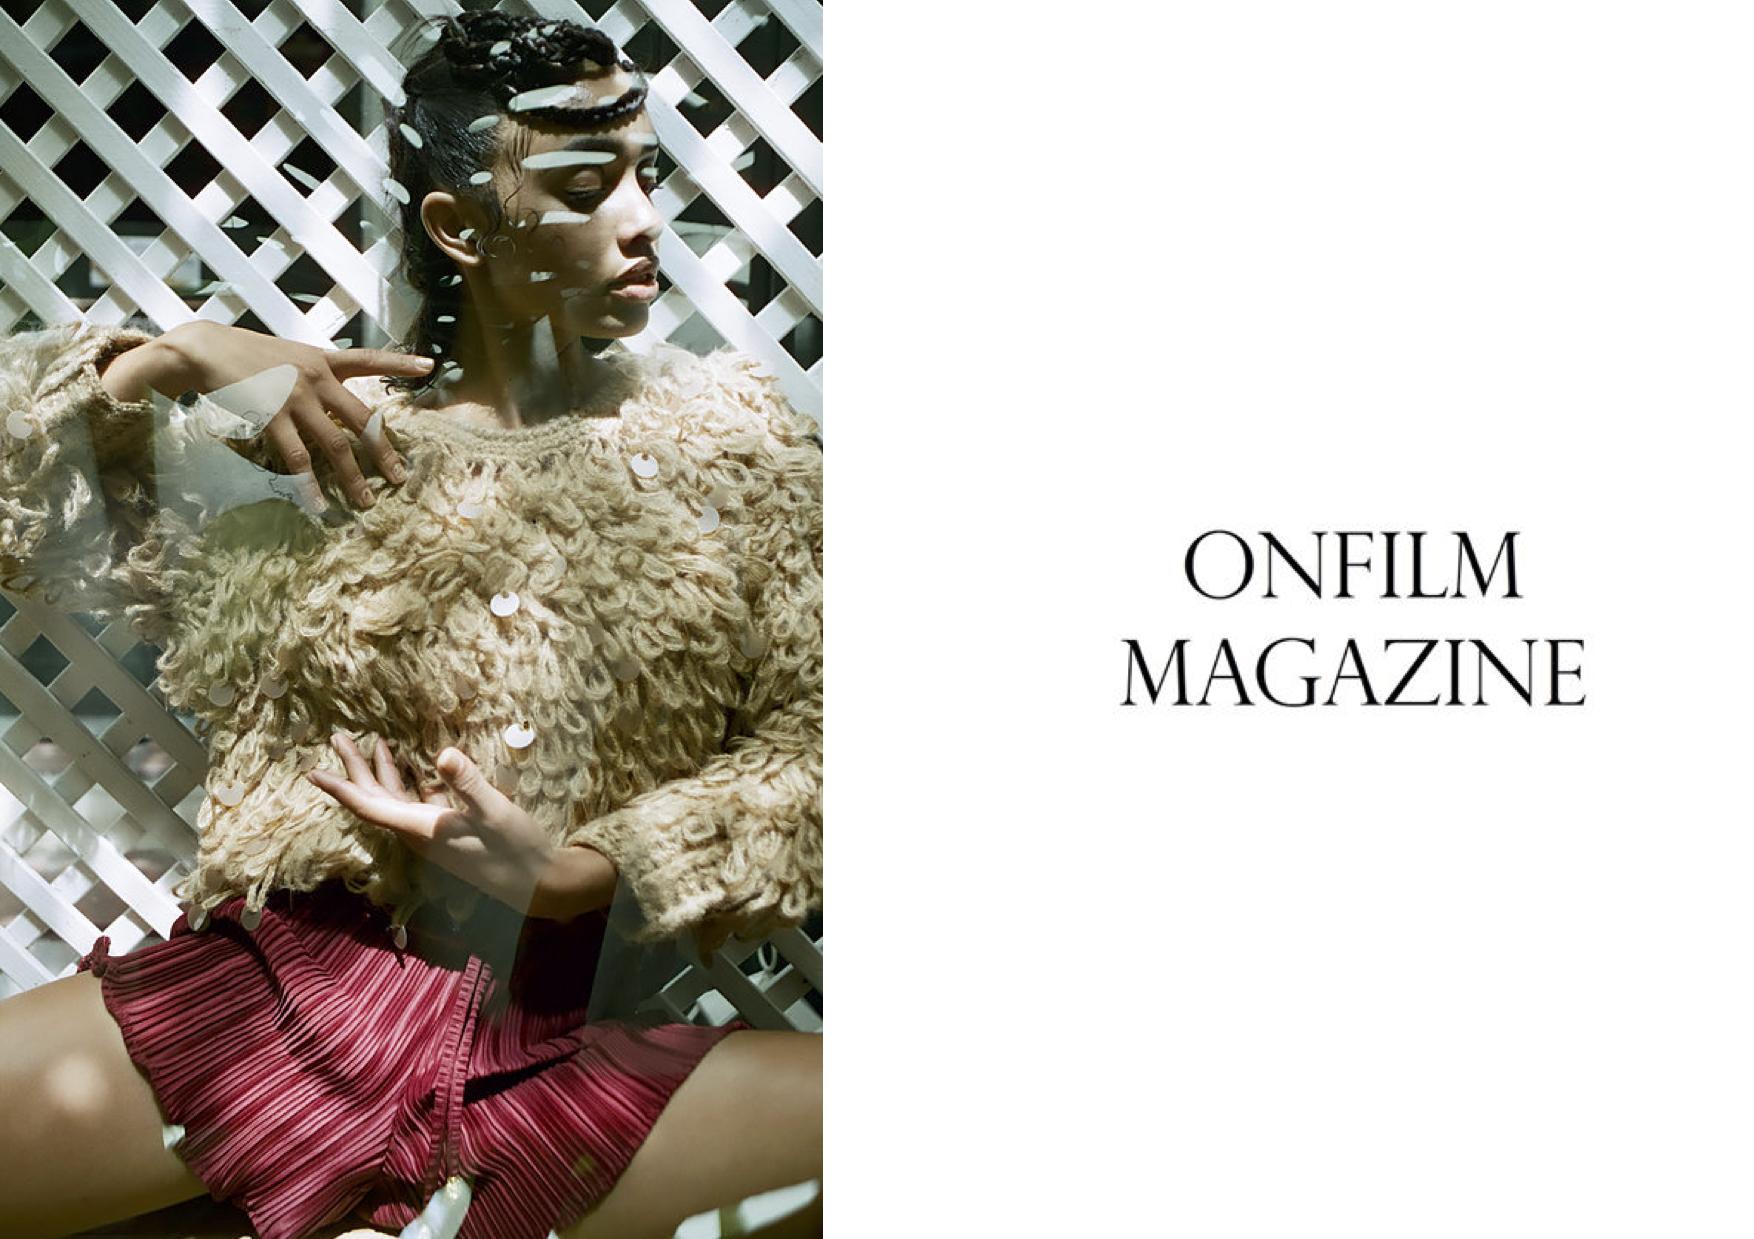 Onfilm Magazine